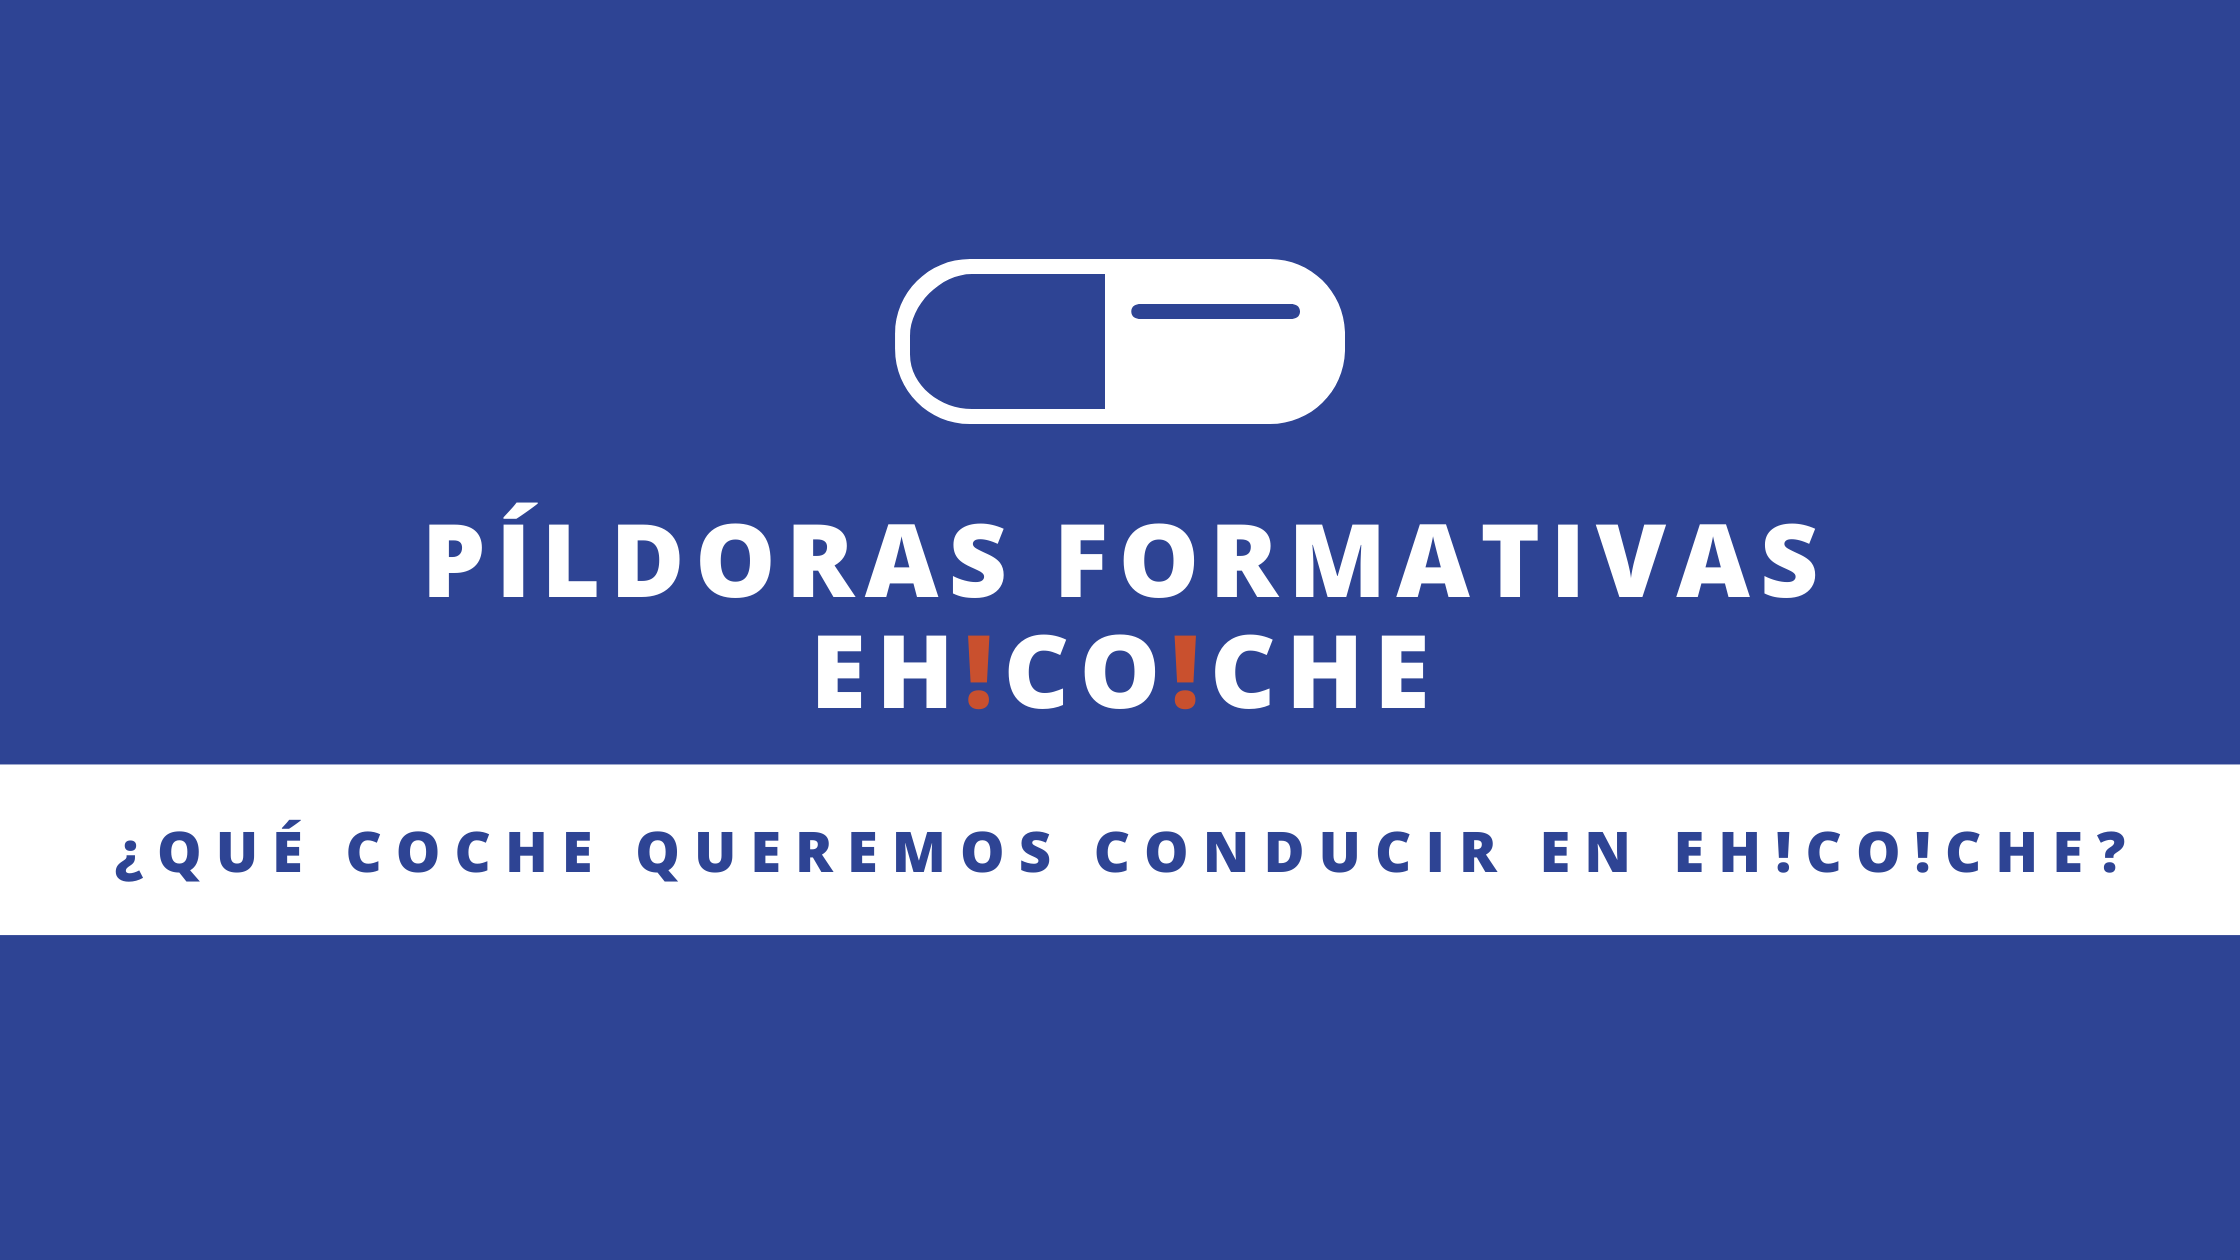 Píldora EHCOCHE